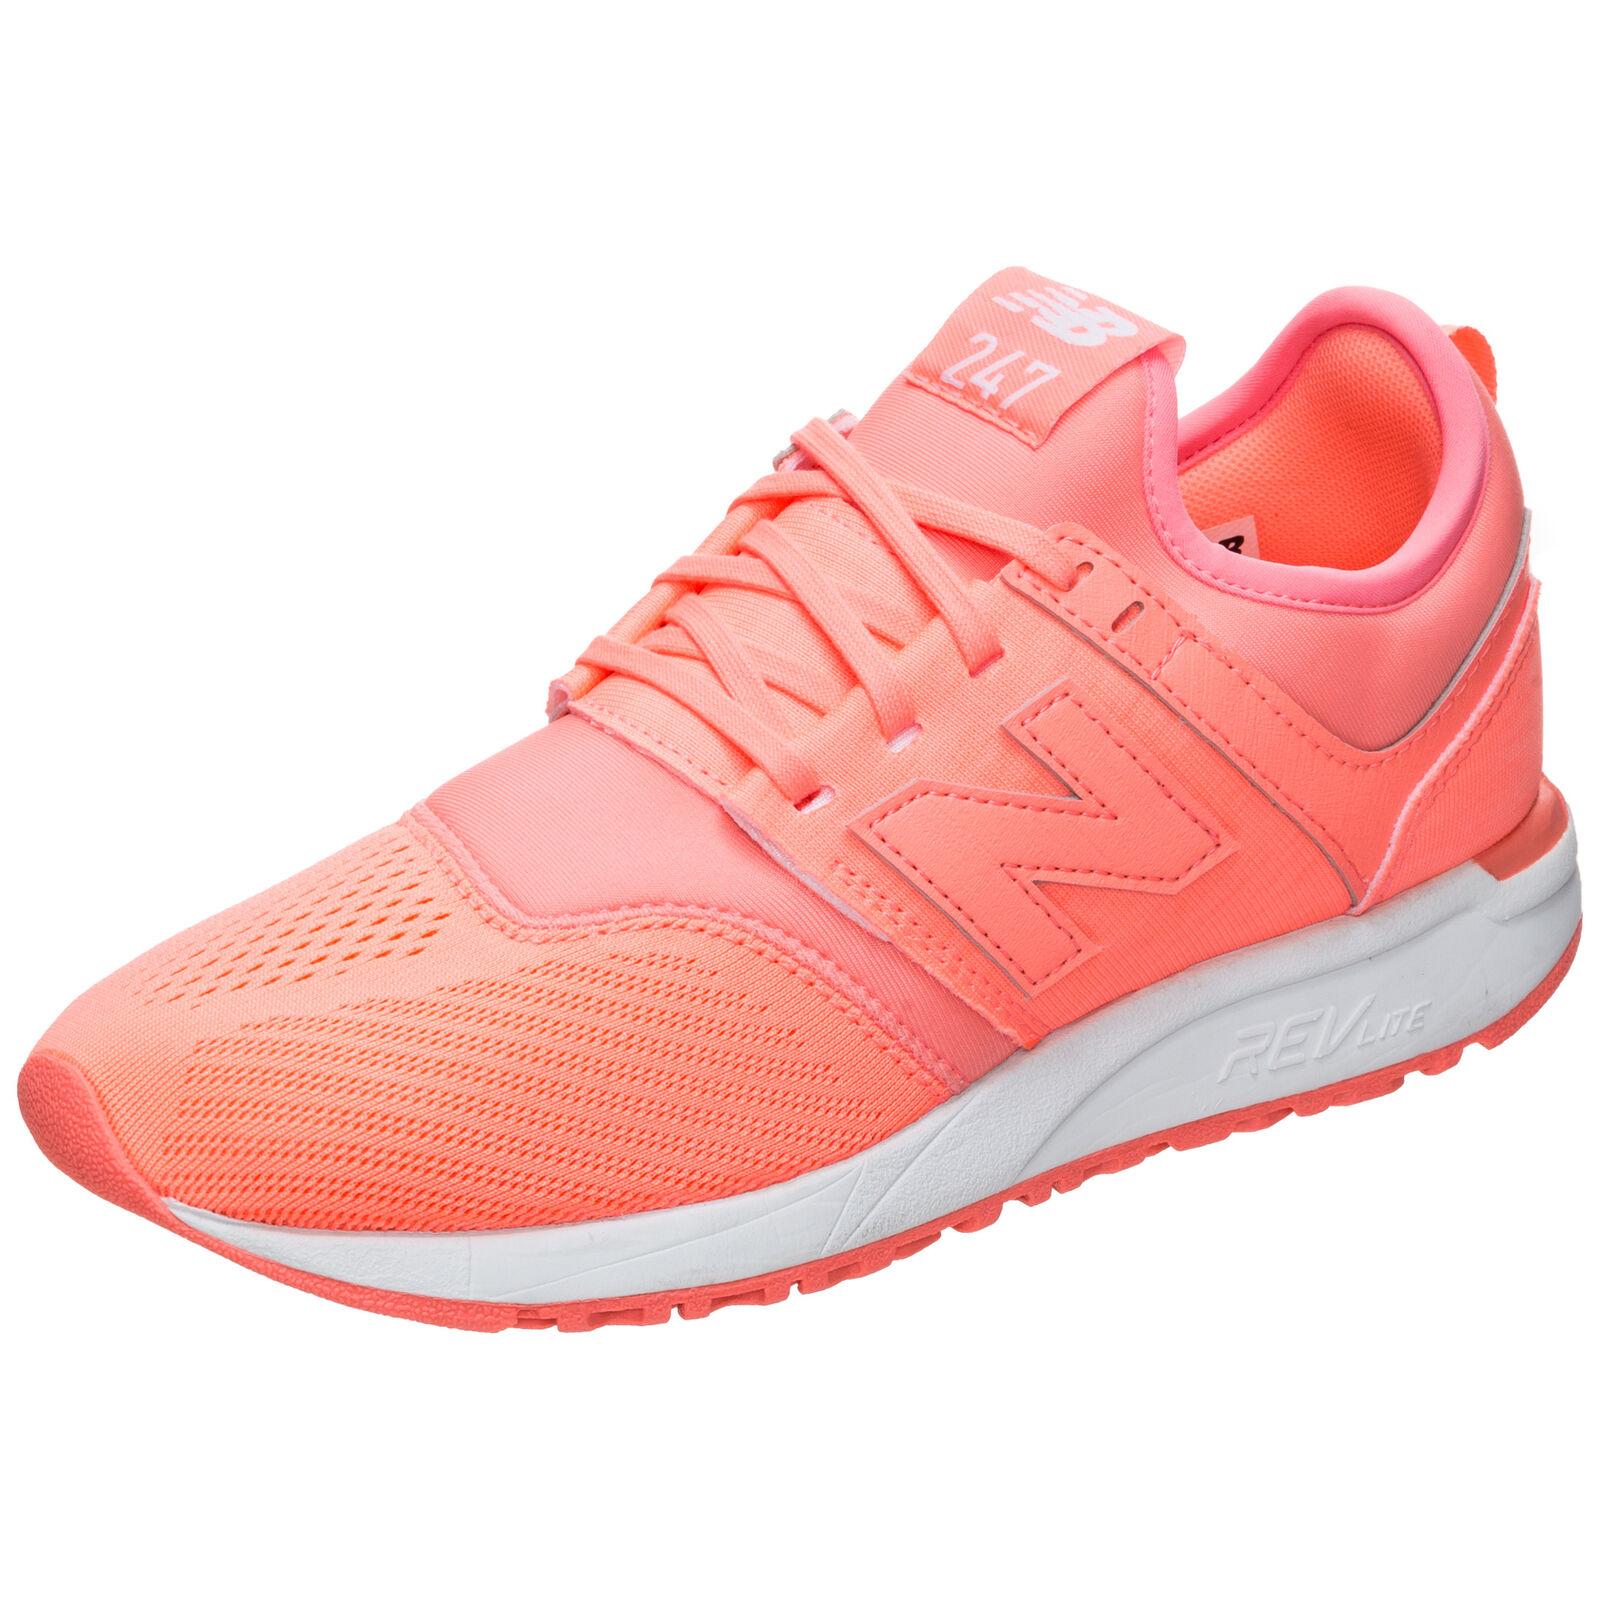 New Balance WRL247-SW-B Turnschuhe Damen korall   weiß NEU Schuhe Turnschuhe